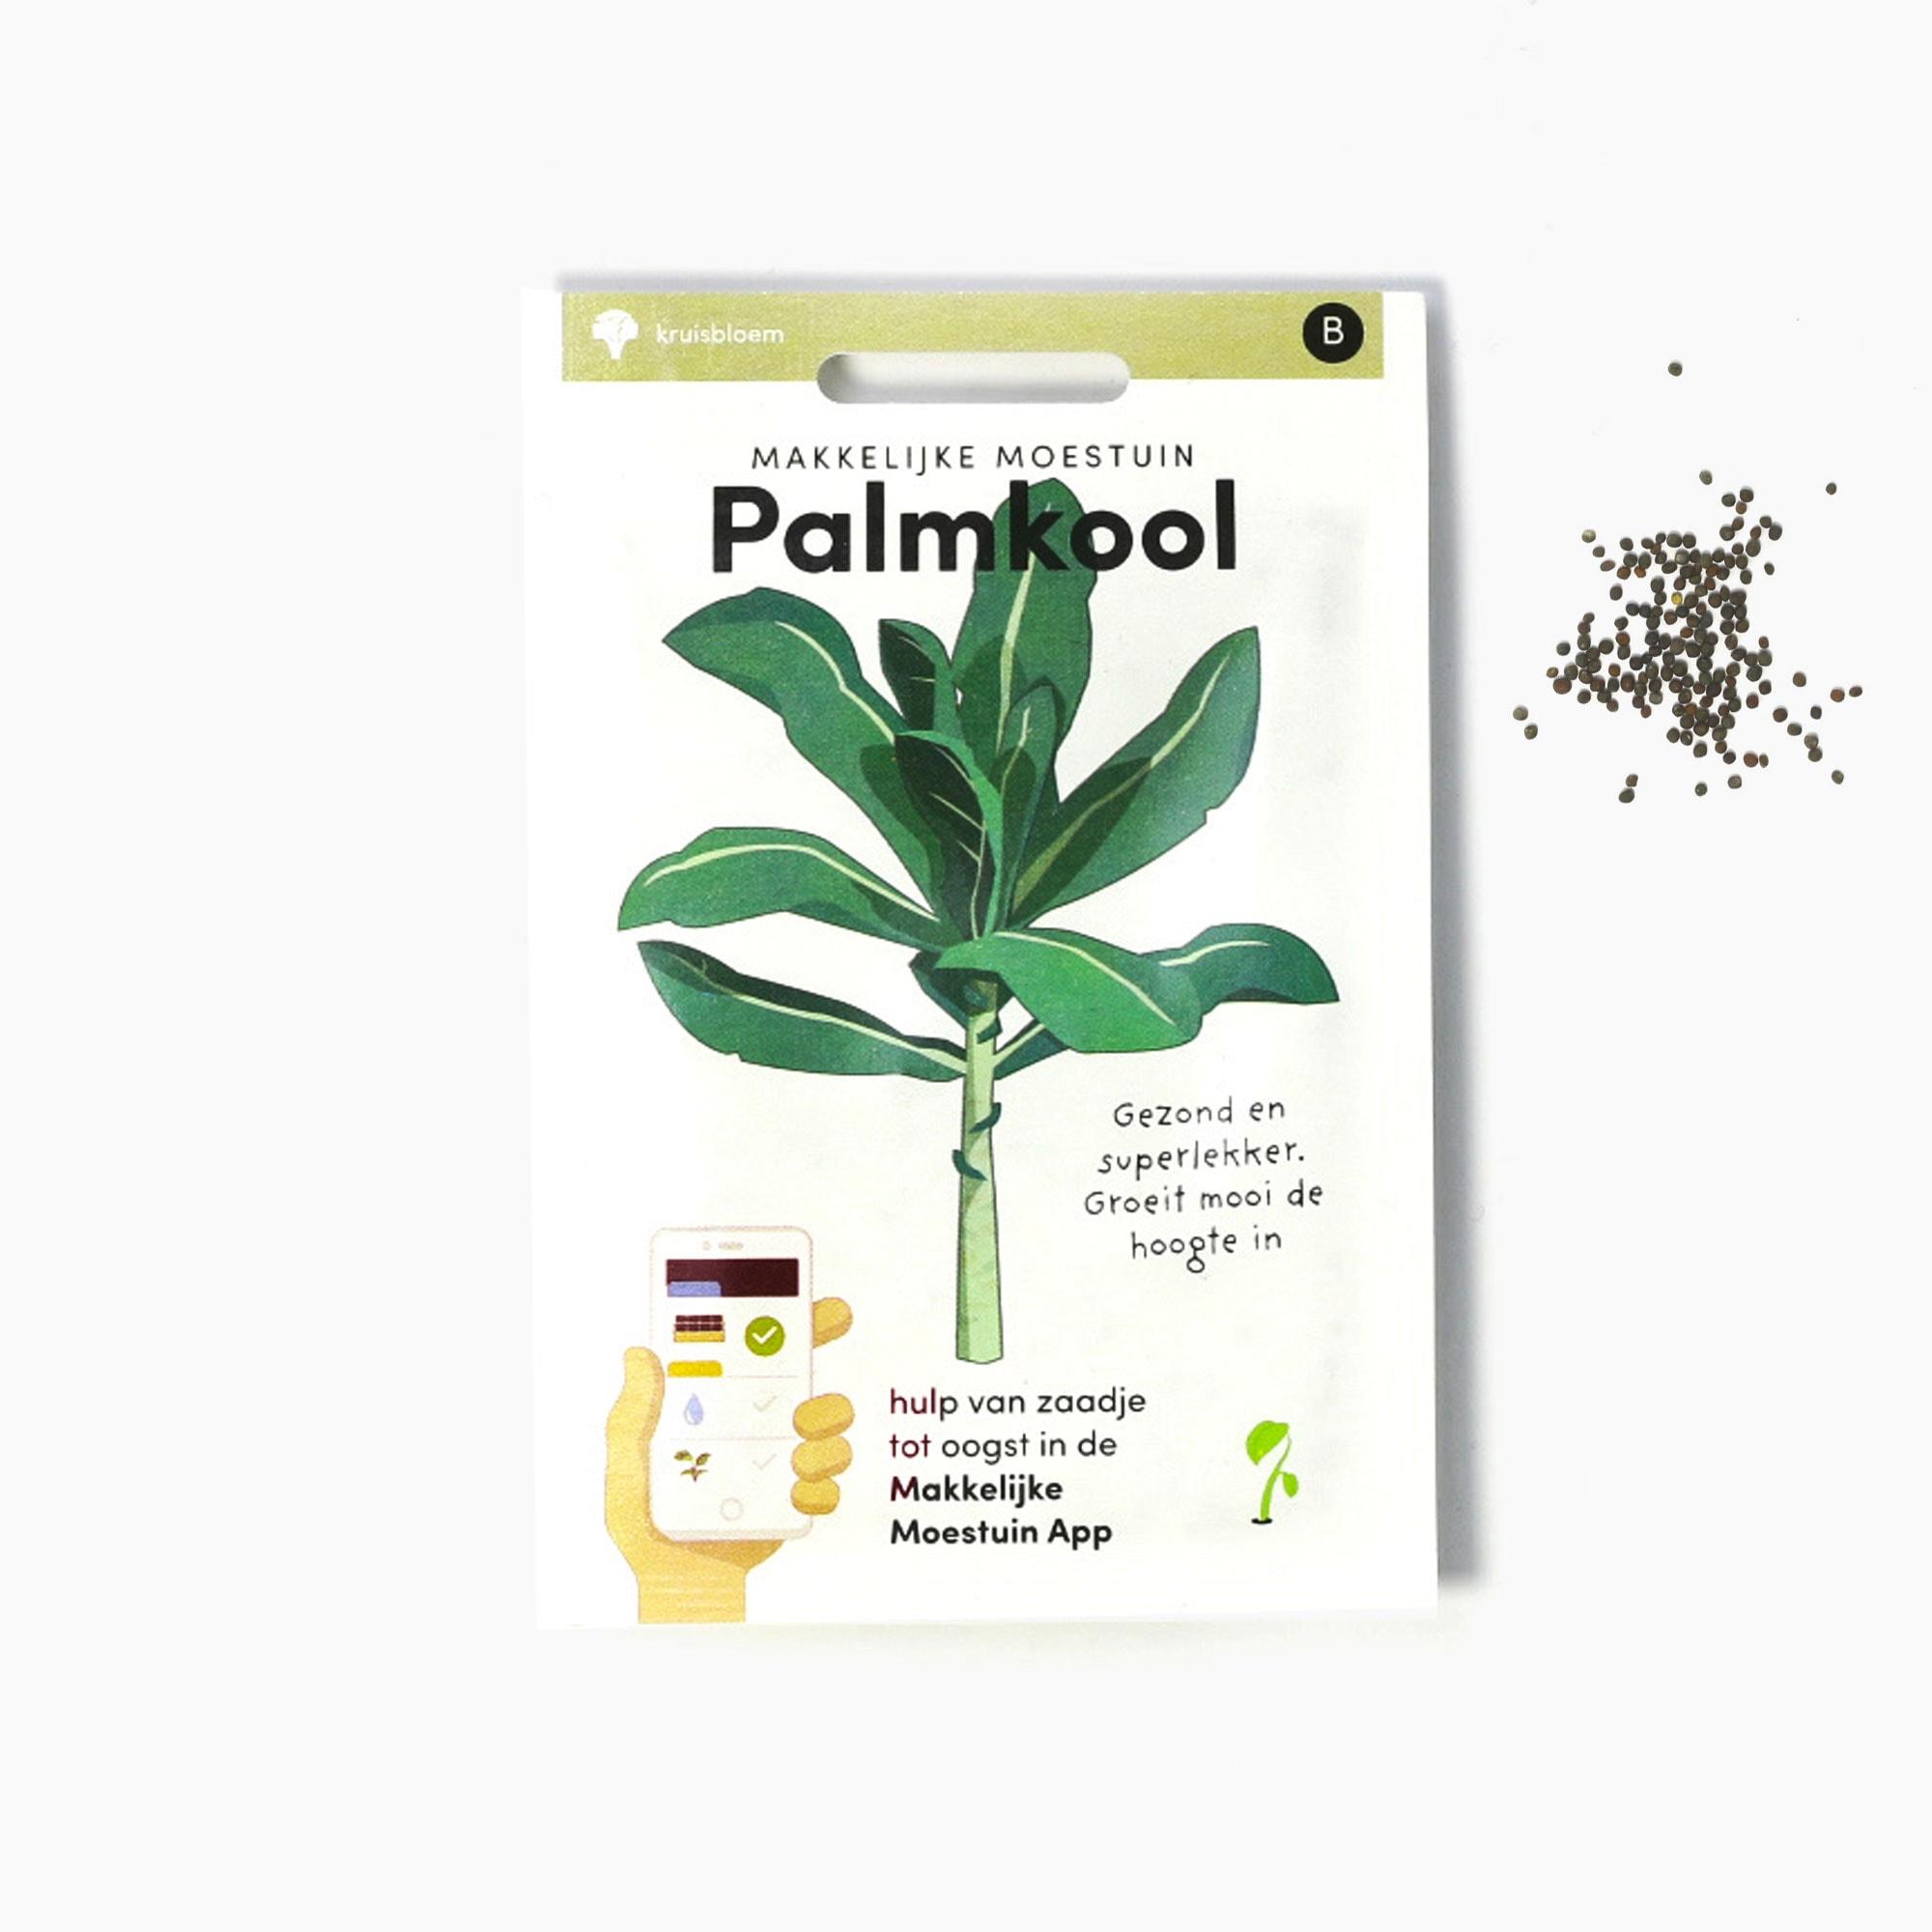 Palmkool1.jpg